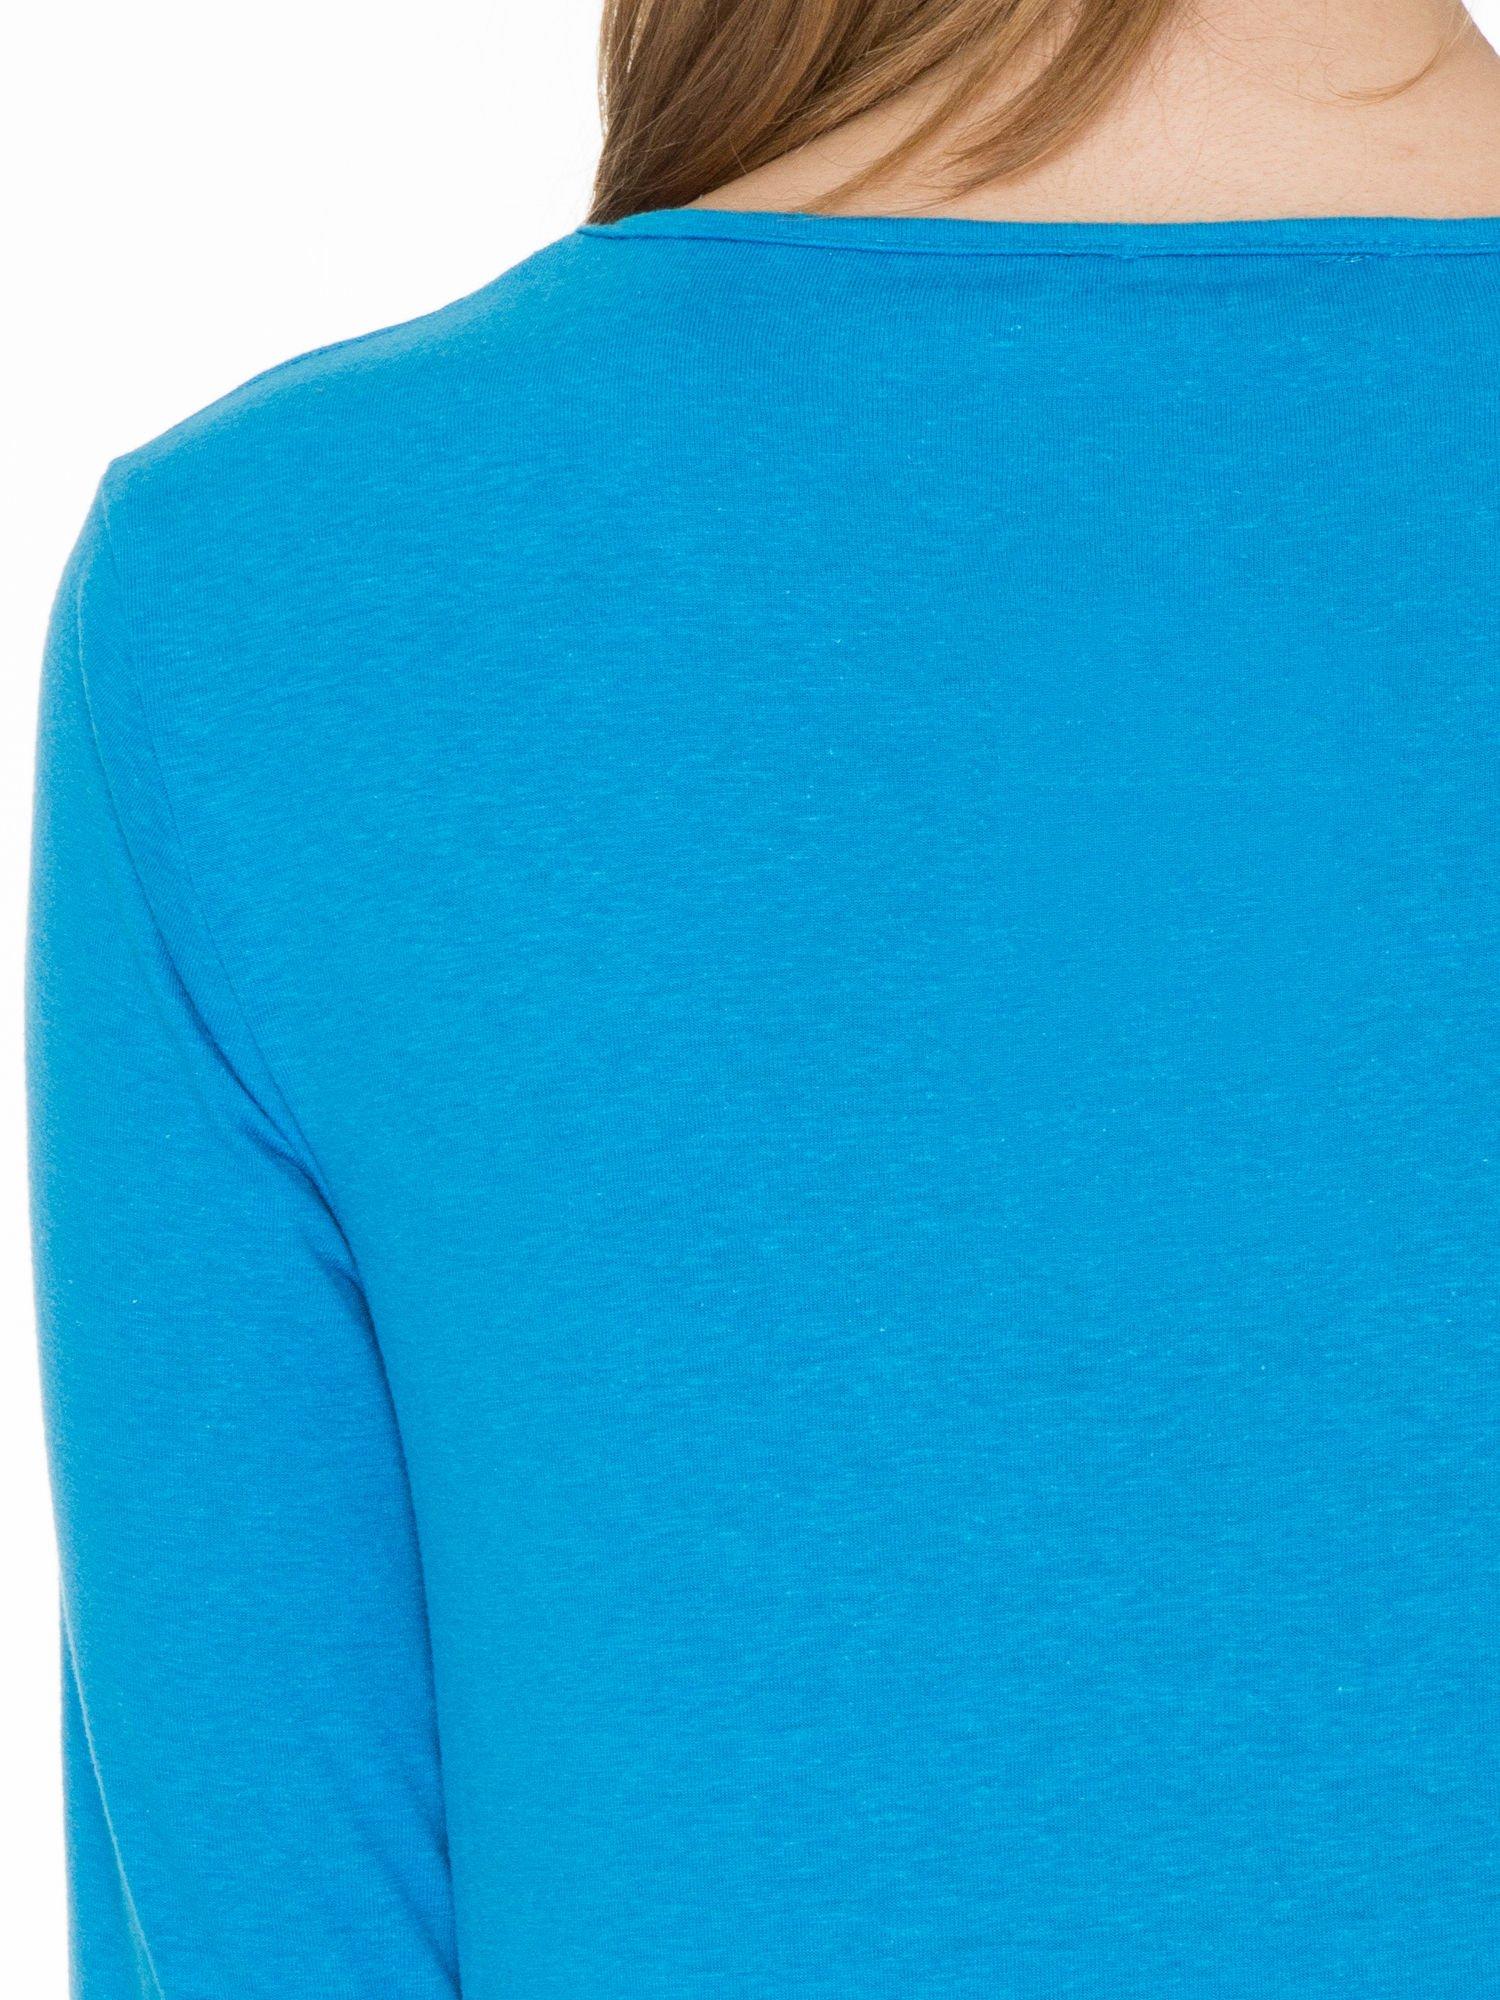 Niebieska bawełniana bluzka z gumką na dole                                  zdj.                                  7